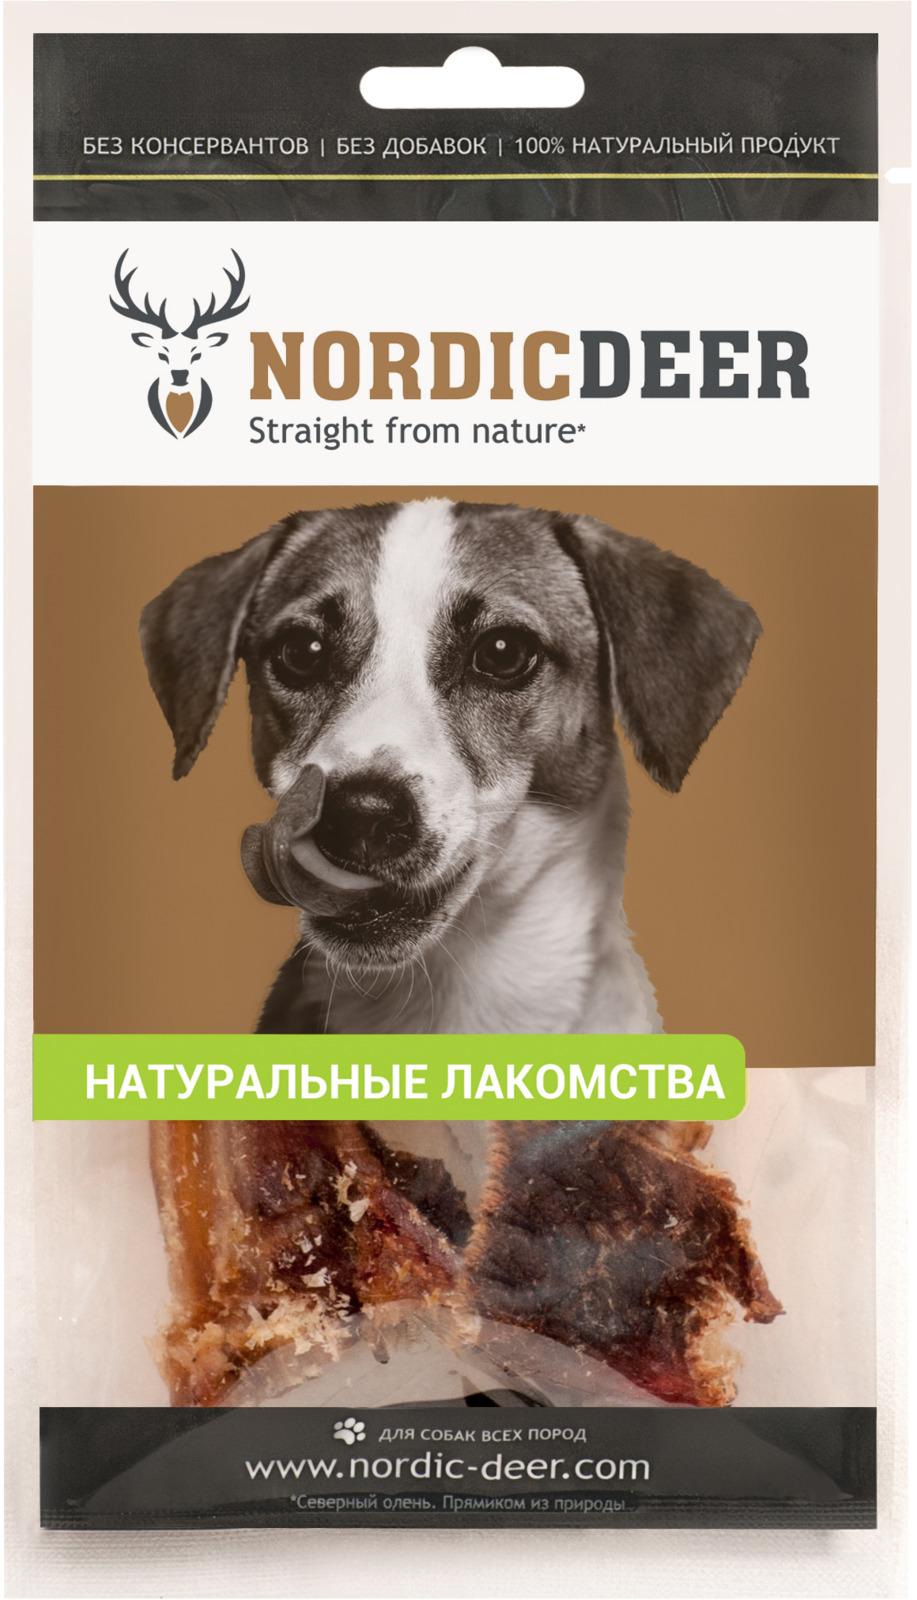 Лакомство для собак Nordic Deer Бычий корень мясные хрустики, 40 г лакомство зубочистики мятные для собак средних пород для поддержания пищеварения 4 шт